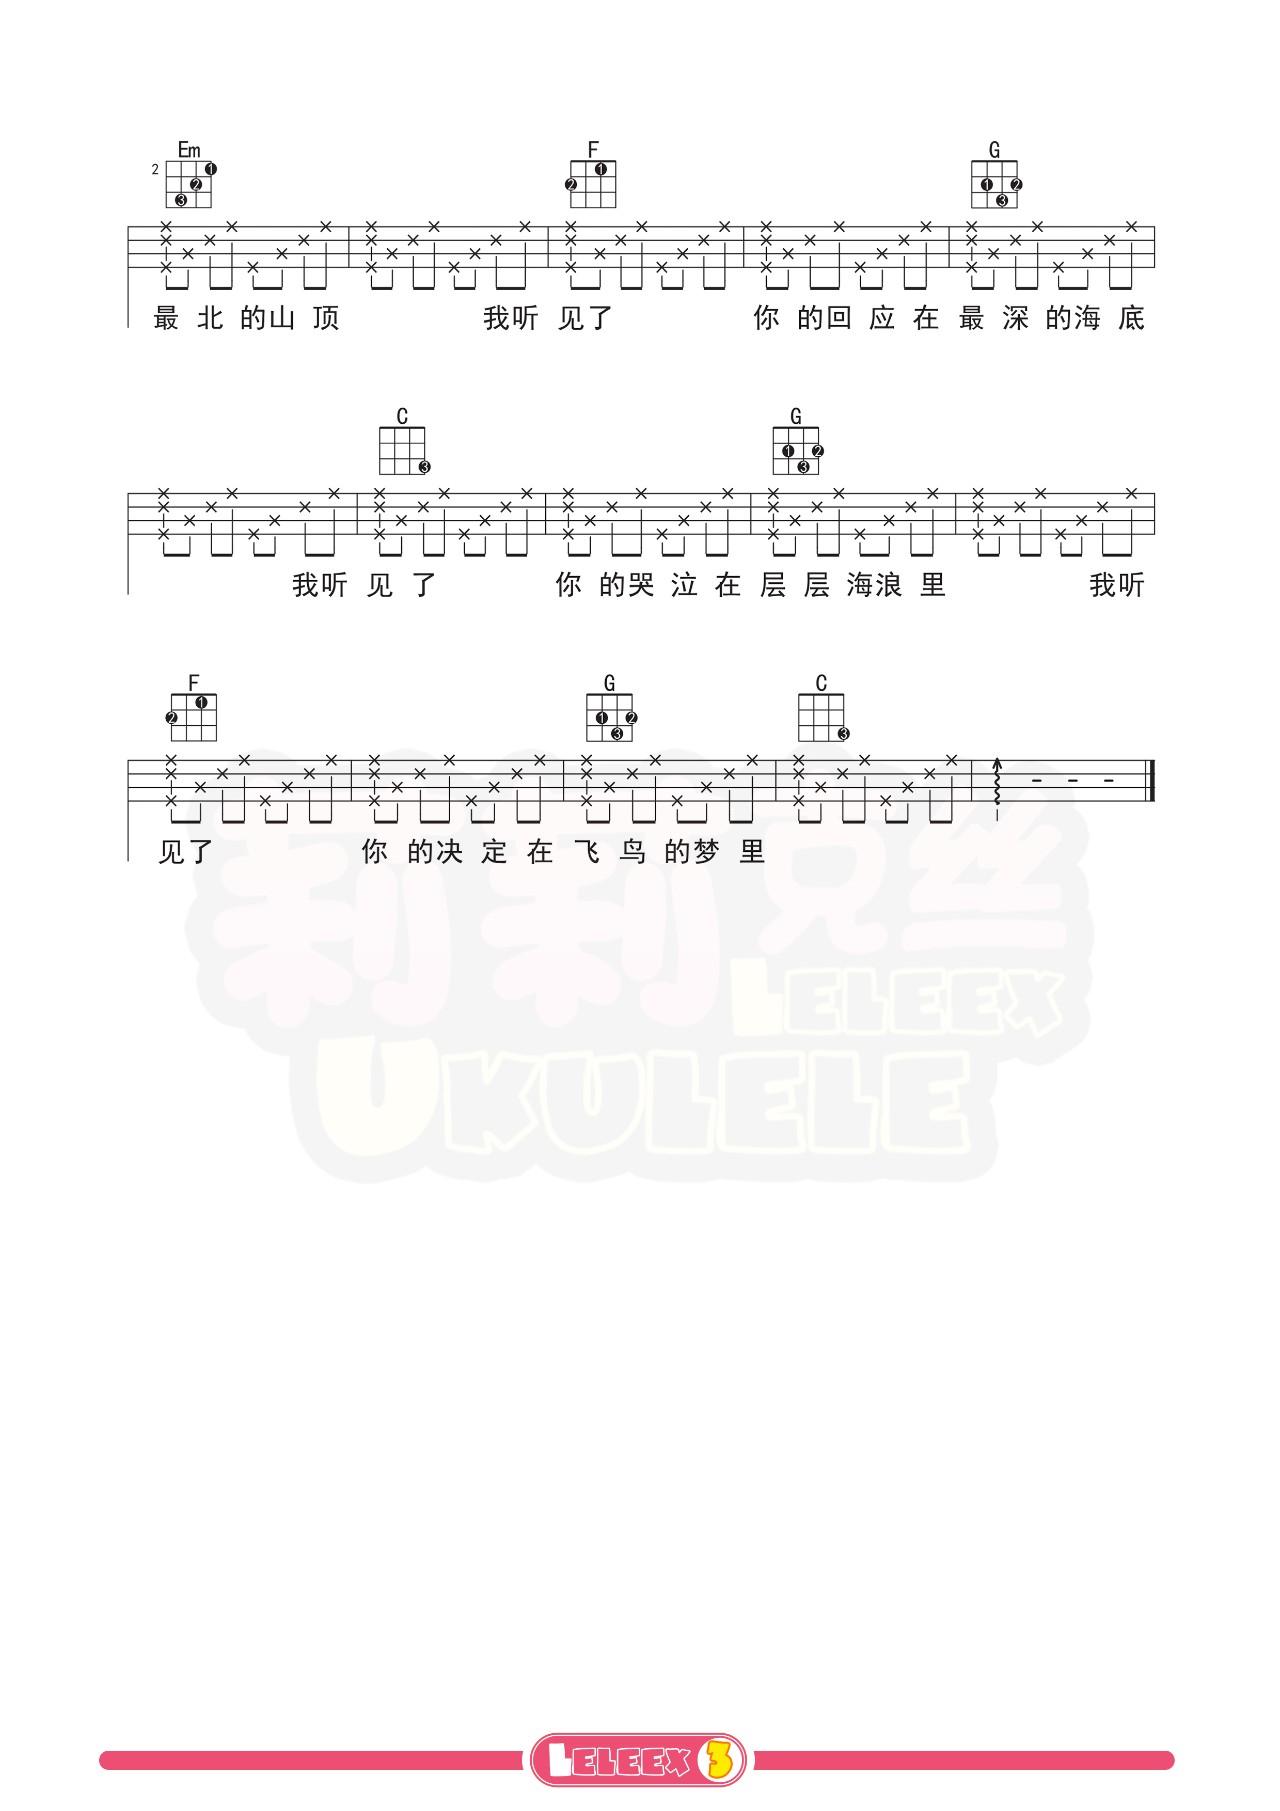 《荒岛》尤克里里谱-3